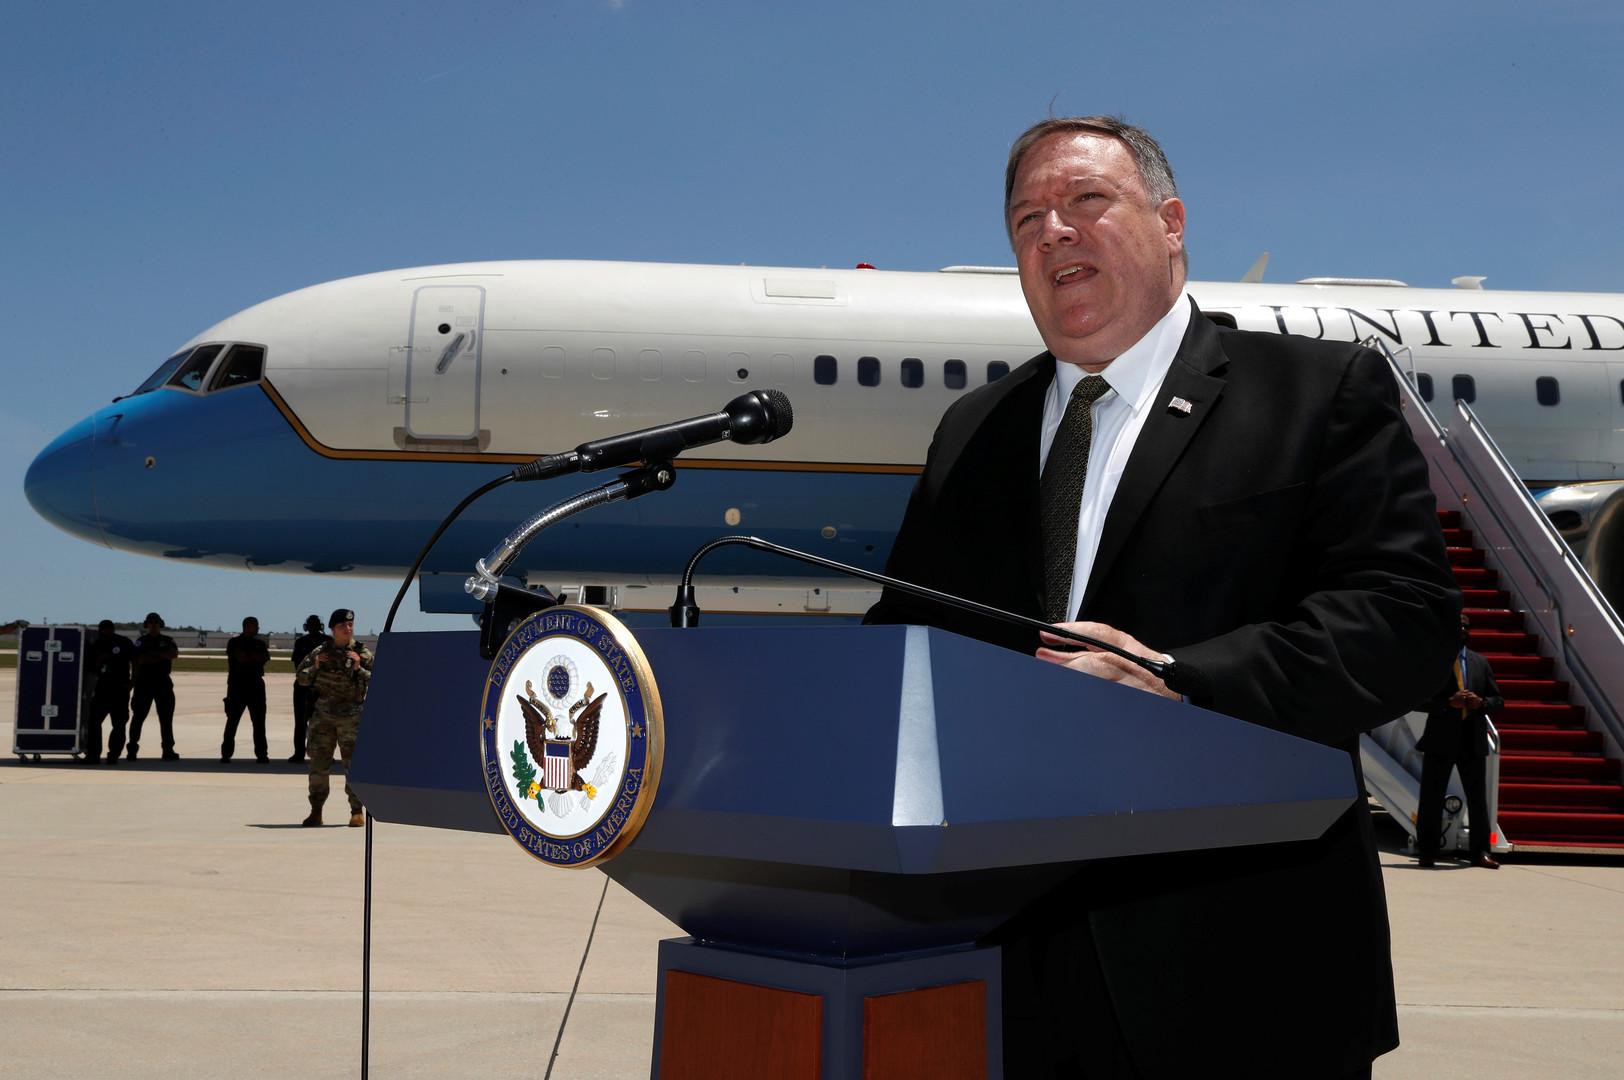 وزير الخارجية الأمريكي يتوجه إلى السعودية والإمارات